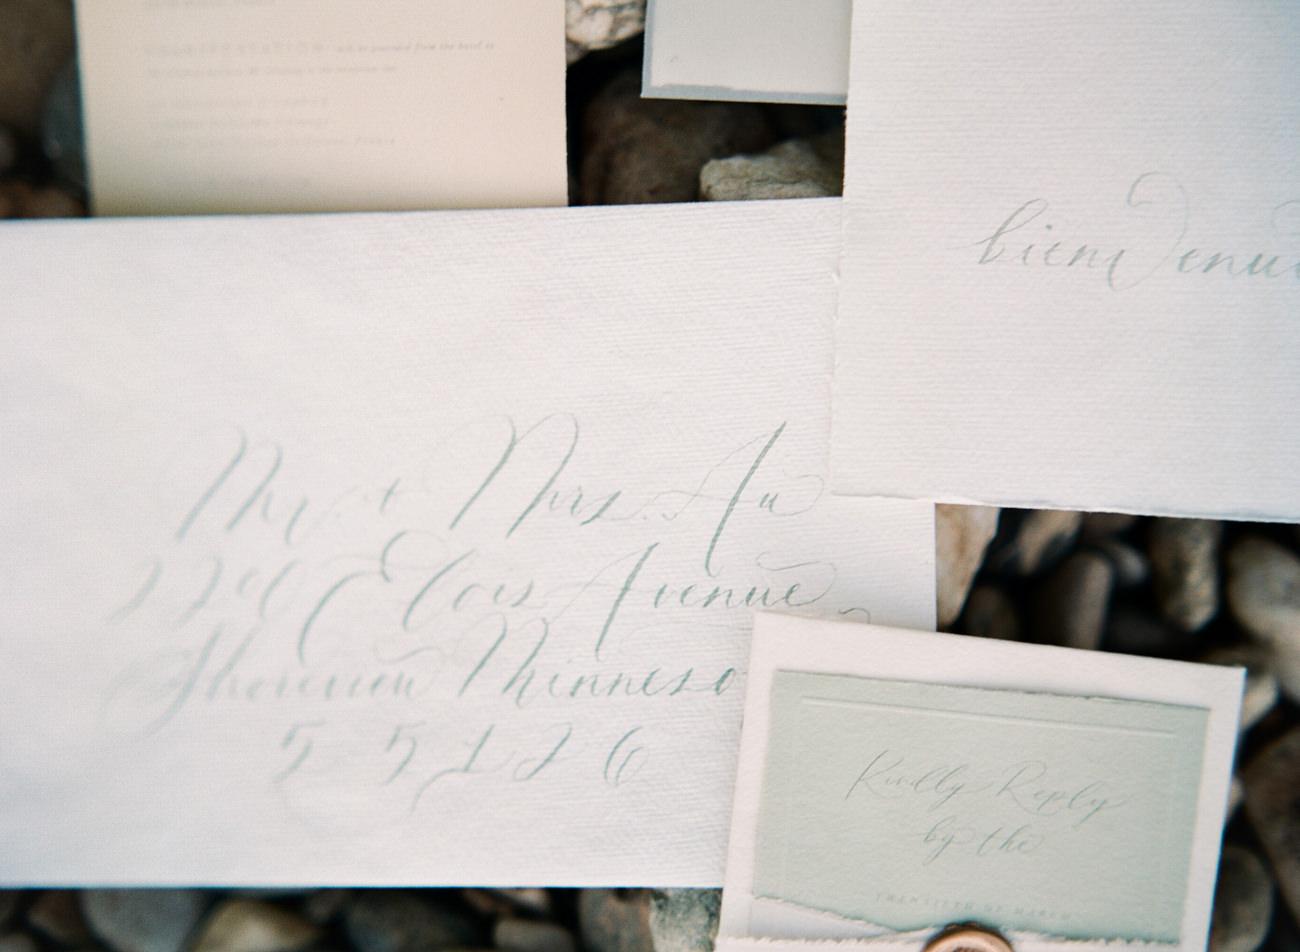 saint-guilhem-photographe-mariage-alain-m-11.jpg